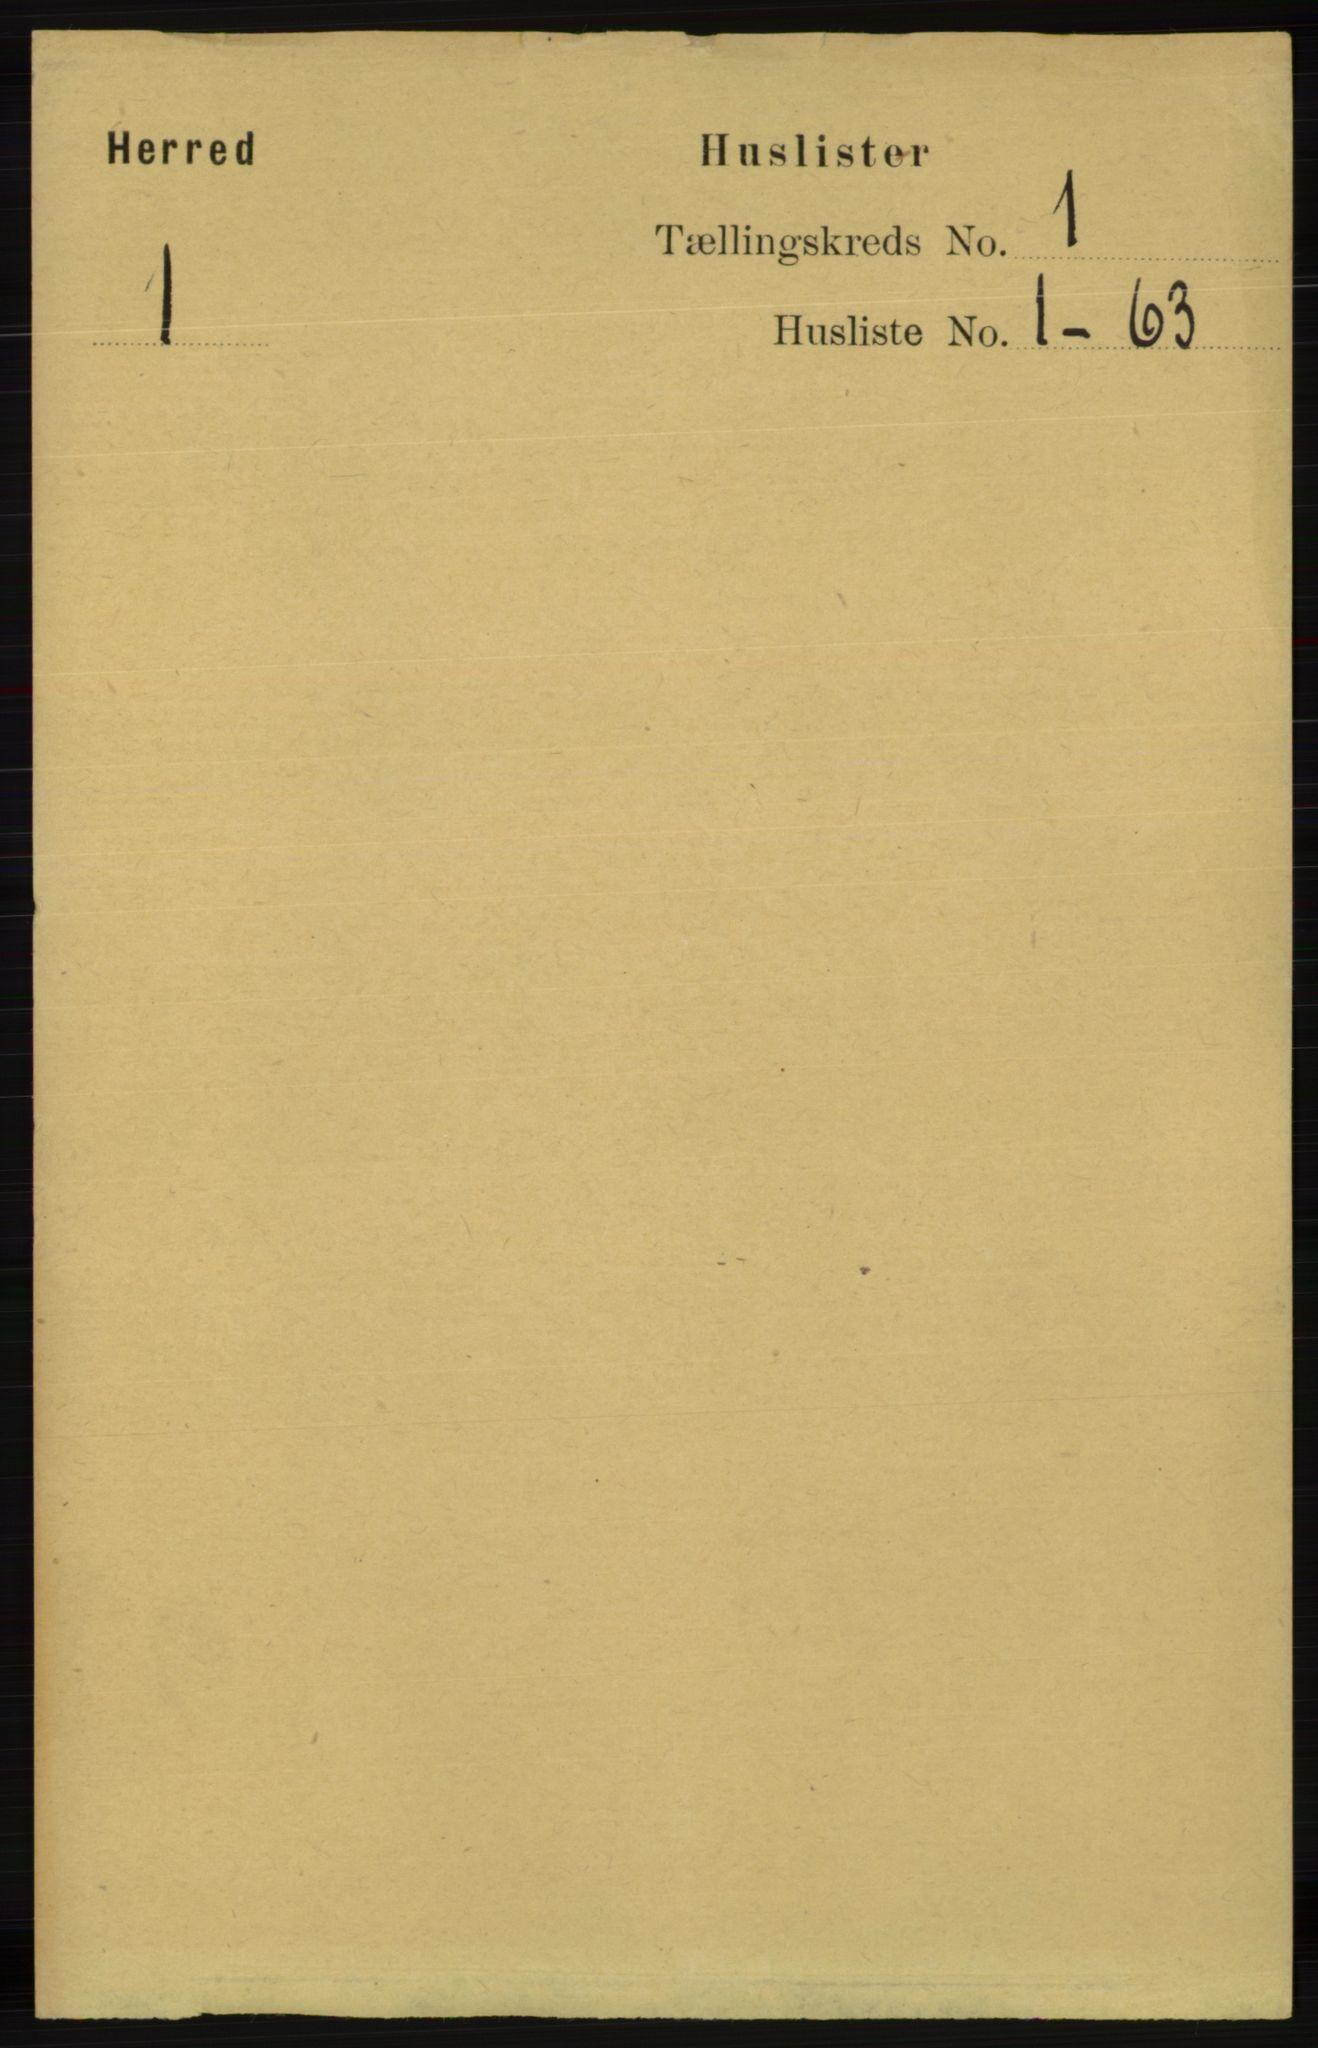 RA, Folketelling 1891 for 1039 Herad herred, 1891, s. 21